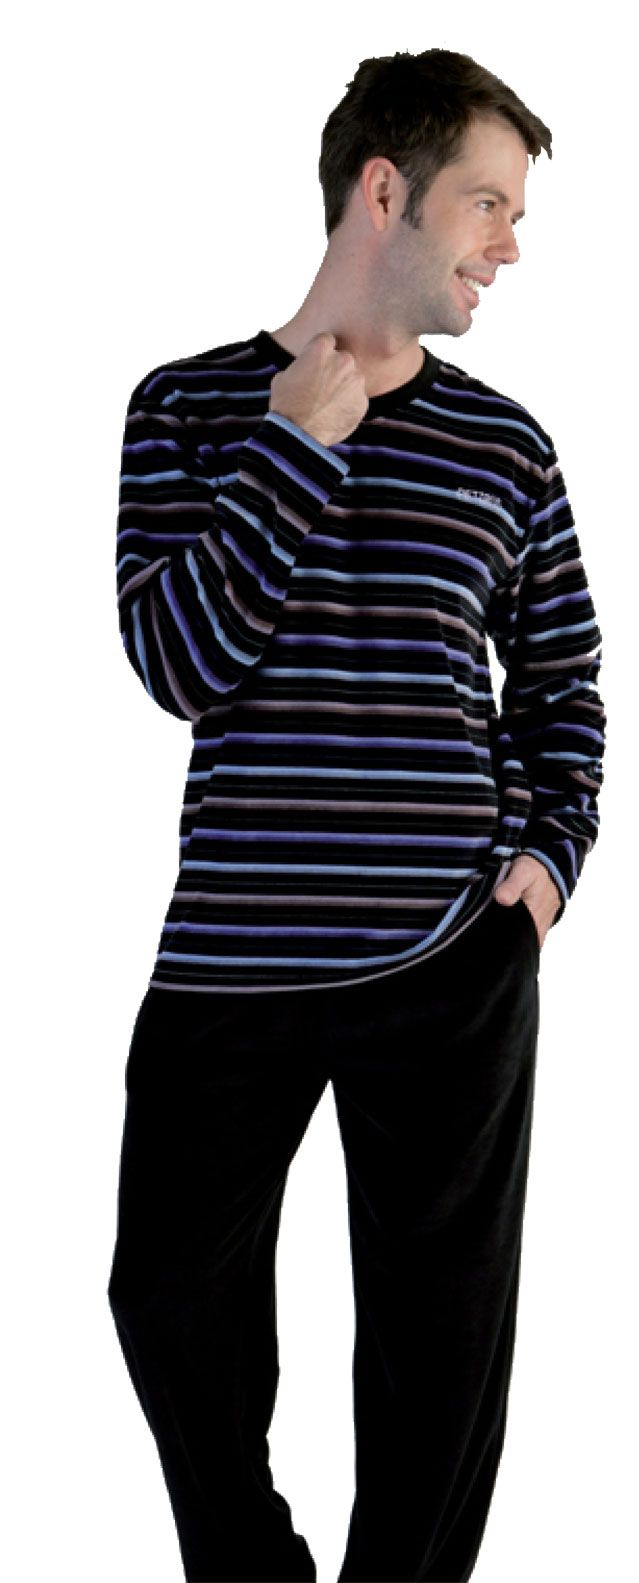 Pijama Pettrus 550 Gregori Calidad al Mejor Precio